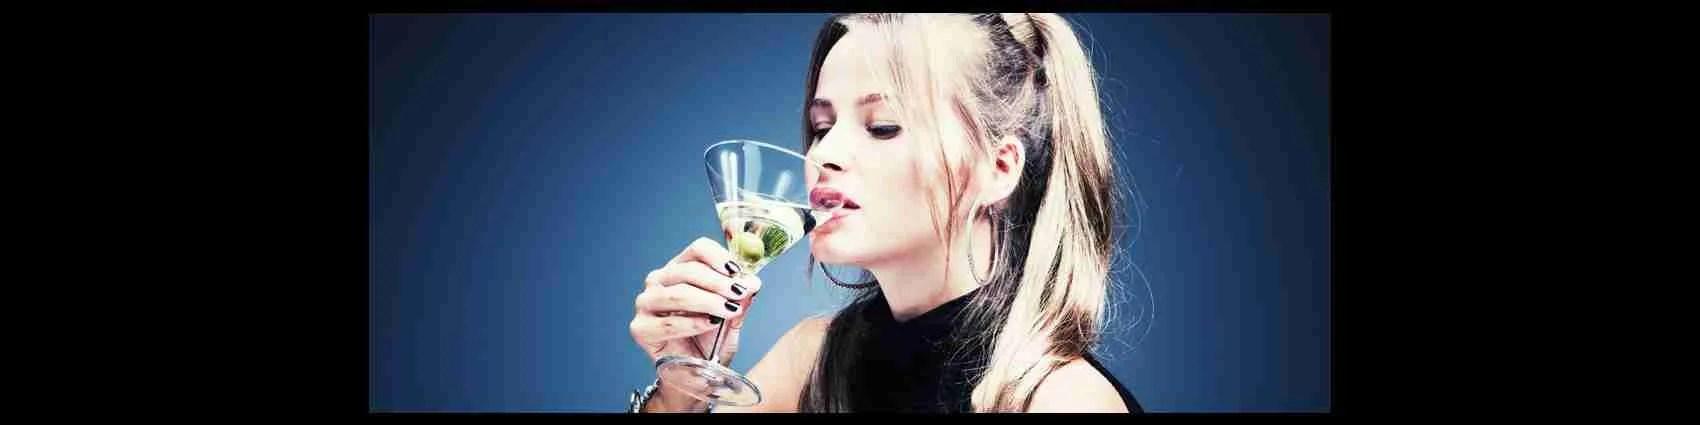 Escort ungheresi per incontri erotici a pagamento. Magica Escort